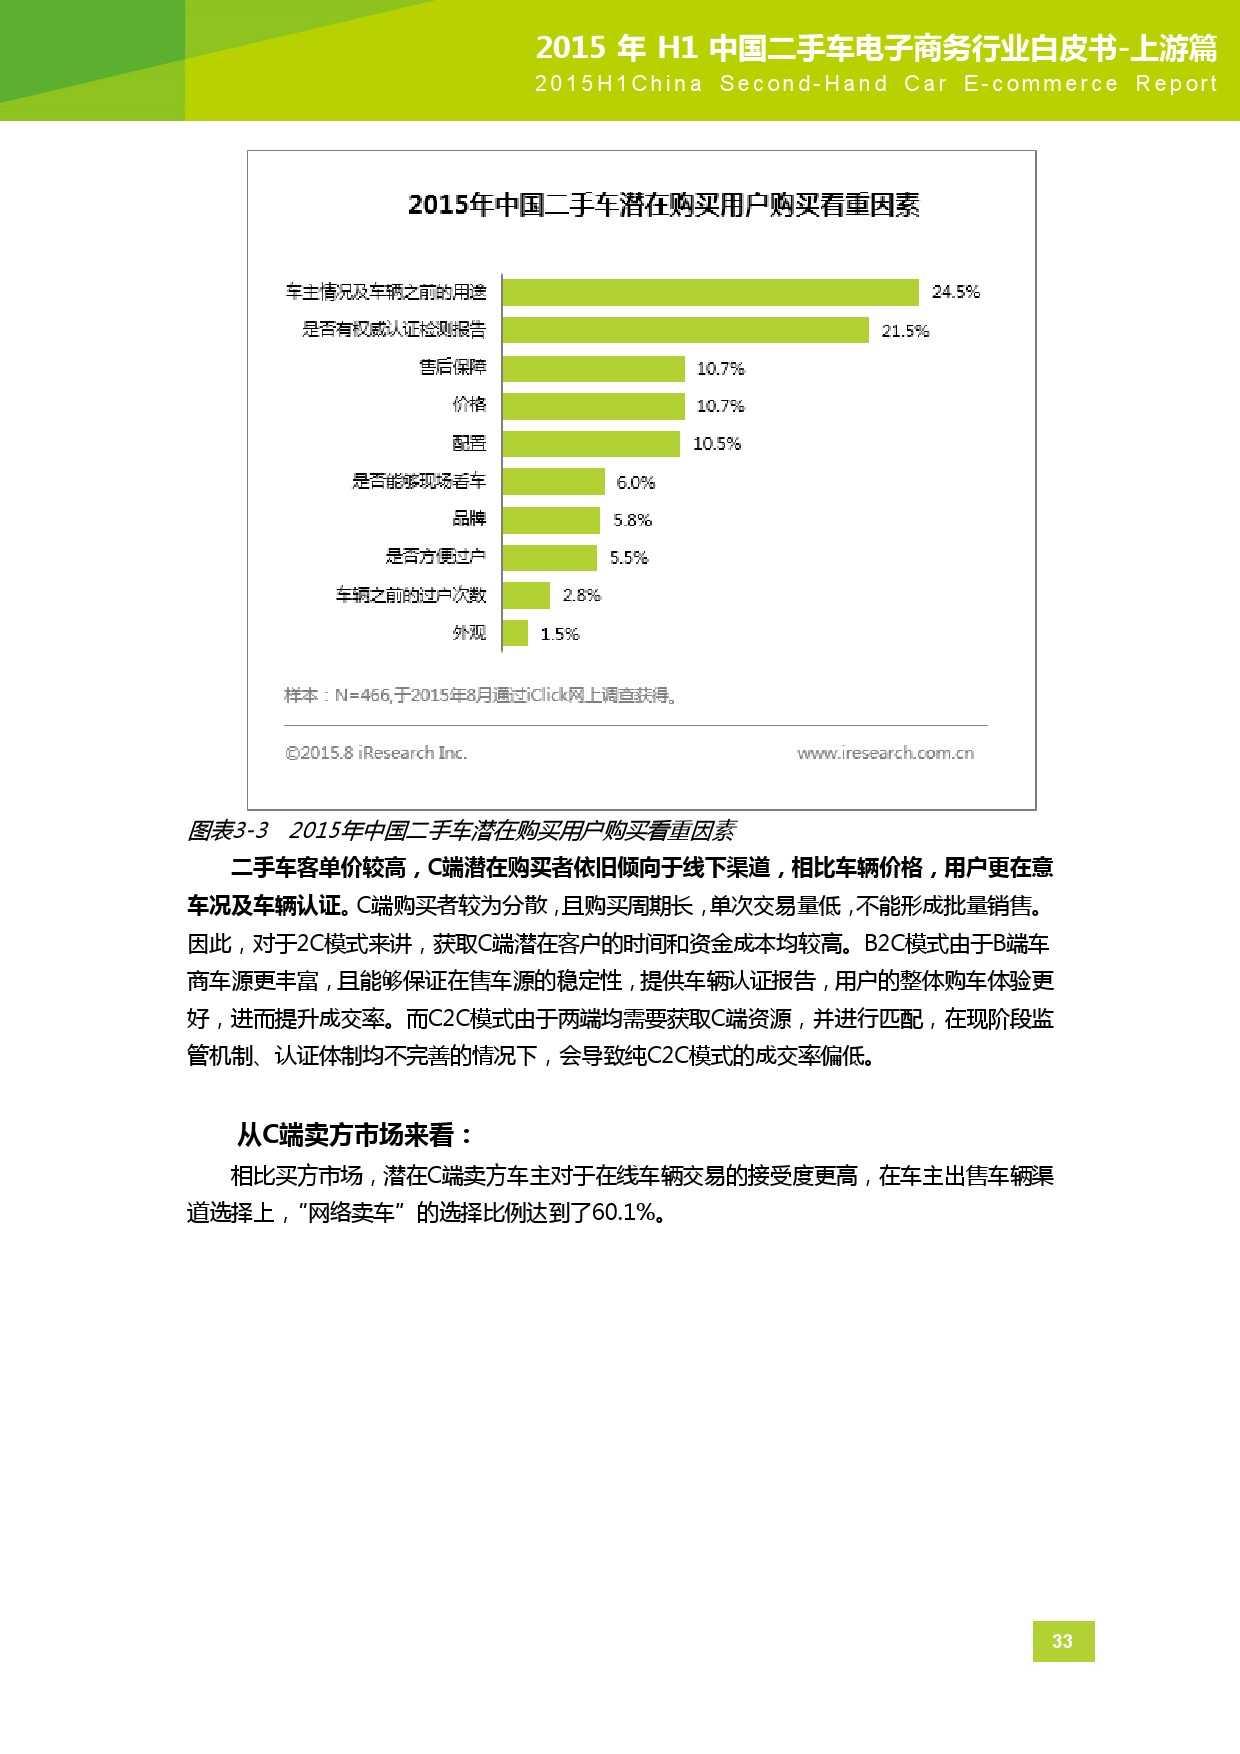 2015年中国二手车电子商务行业白皮书-上游篇_000034